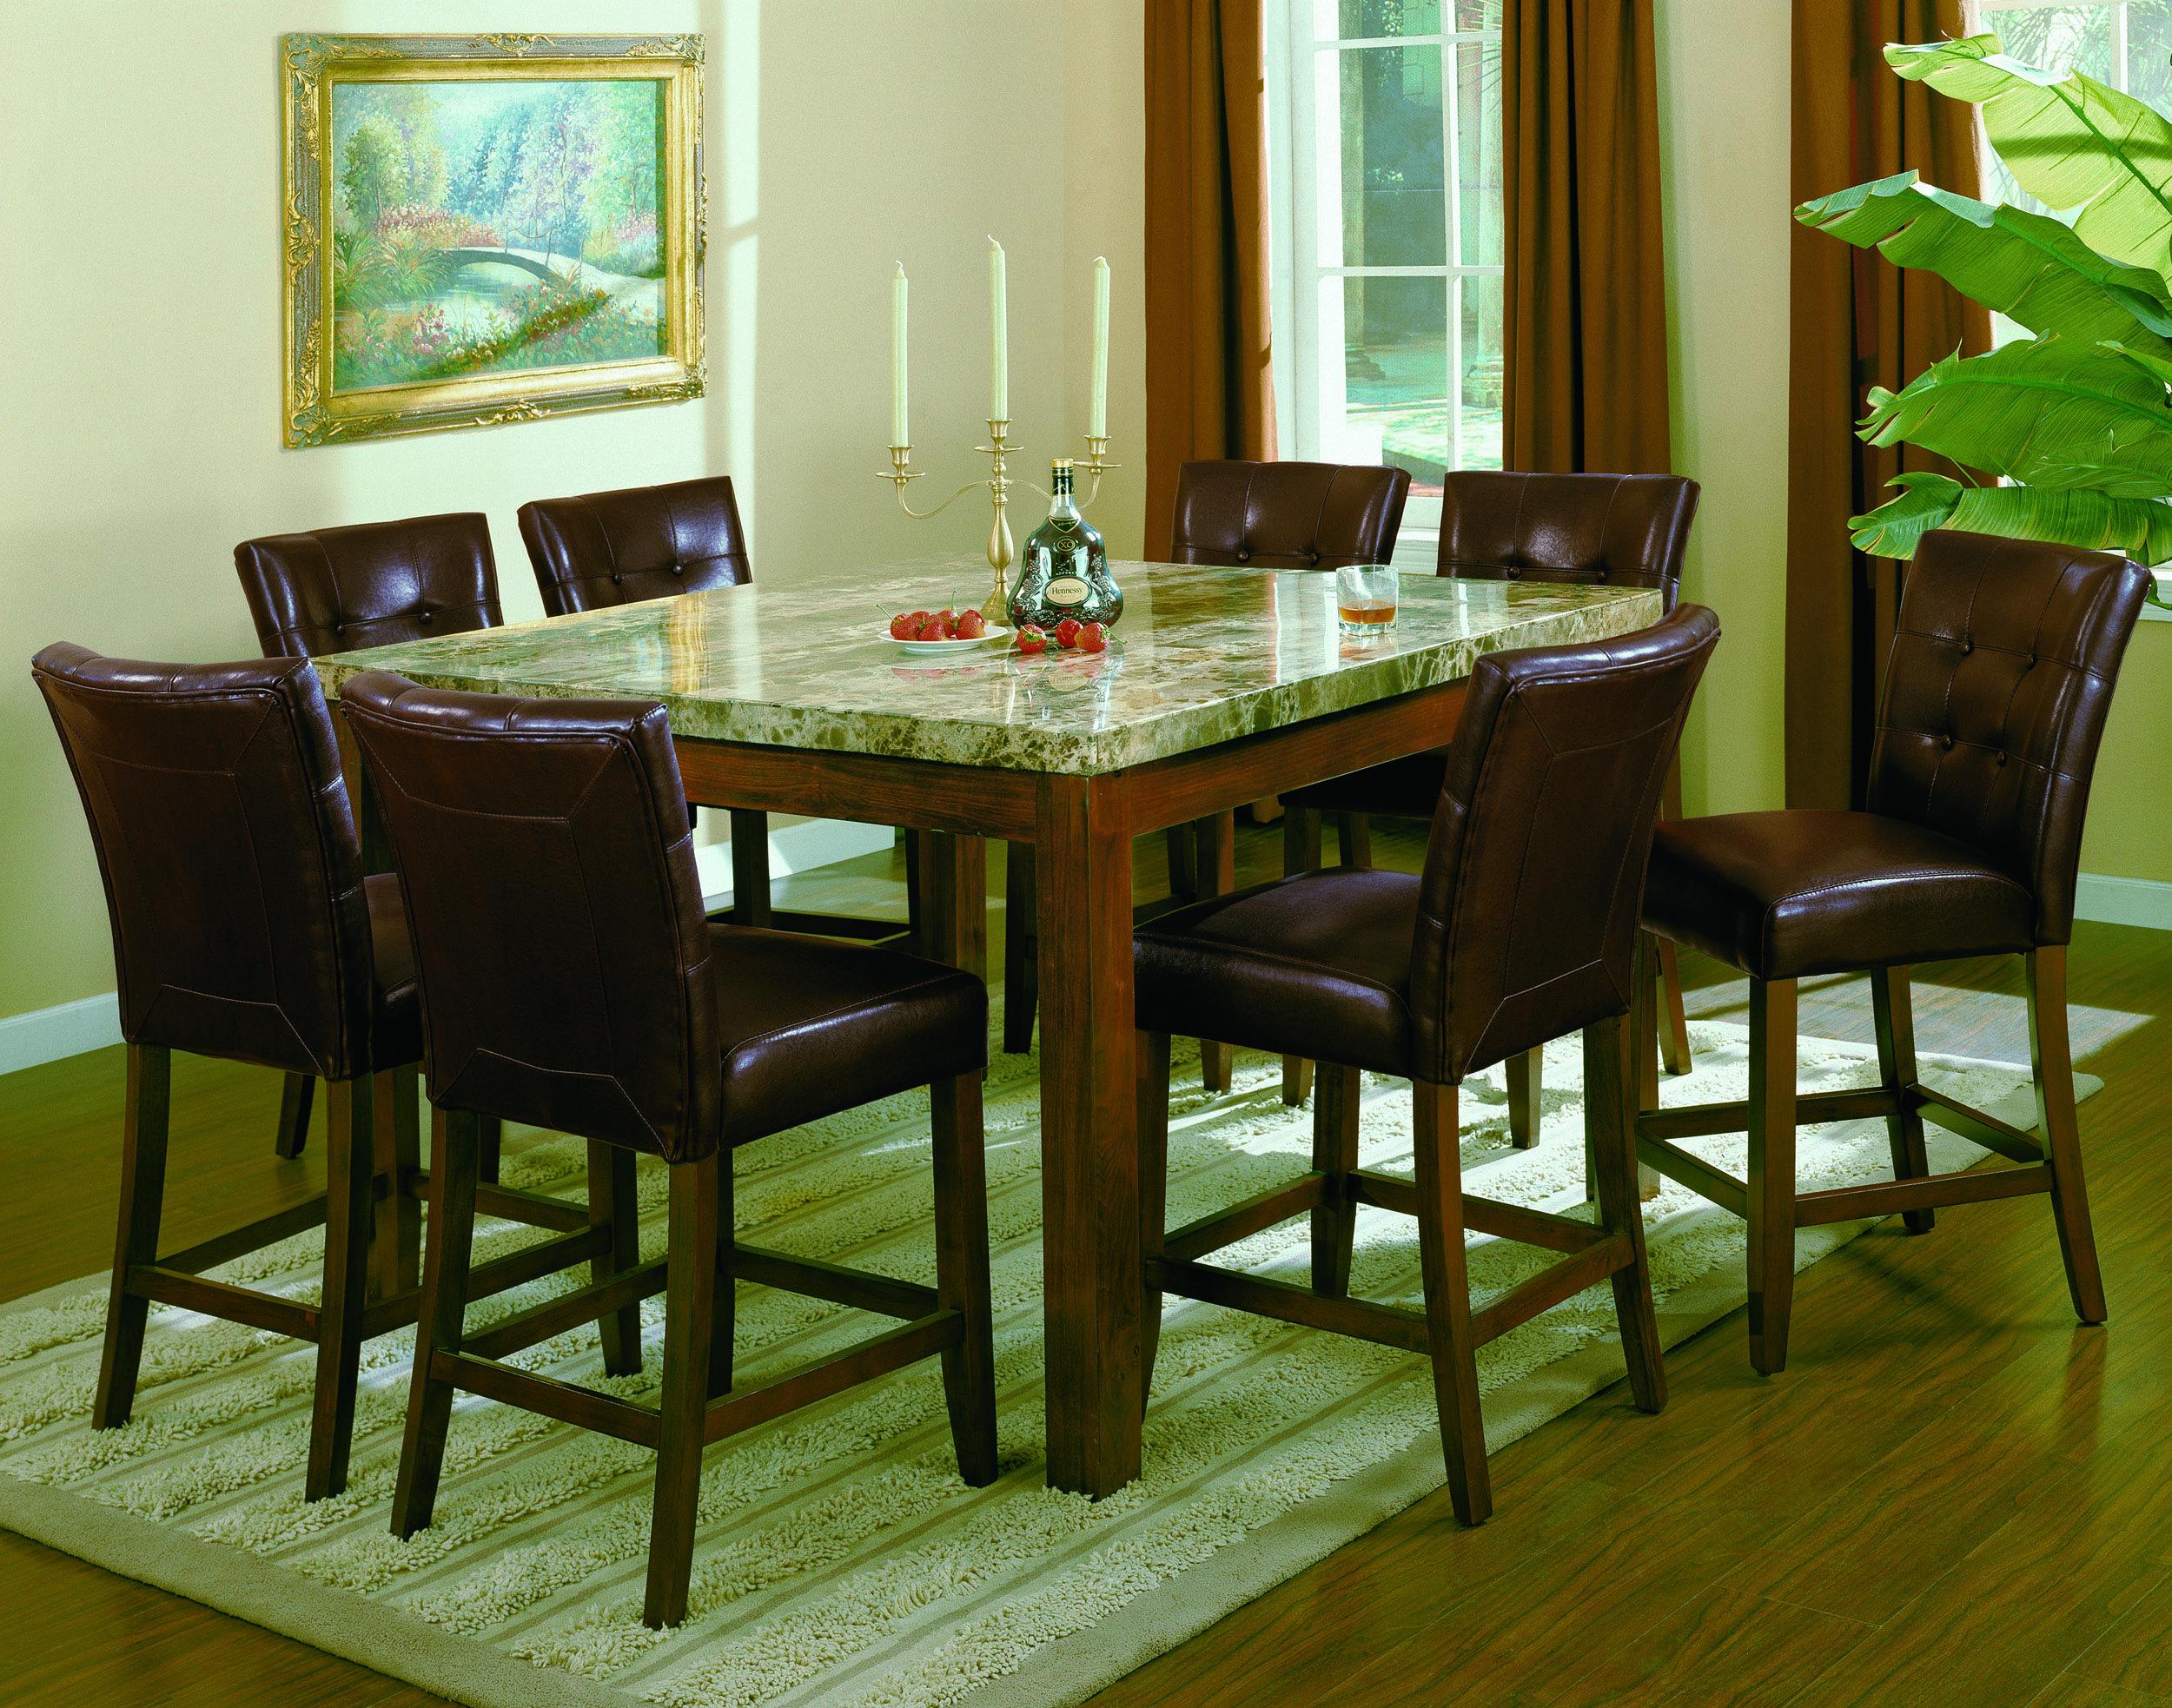 Designer Dining room furniture set- Crown Mark Bruce 2767 Marble Top ...